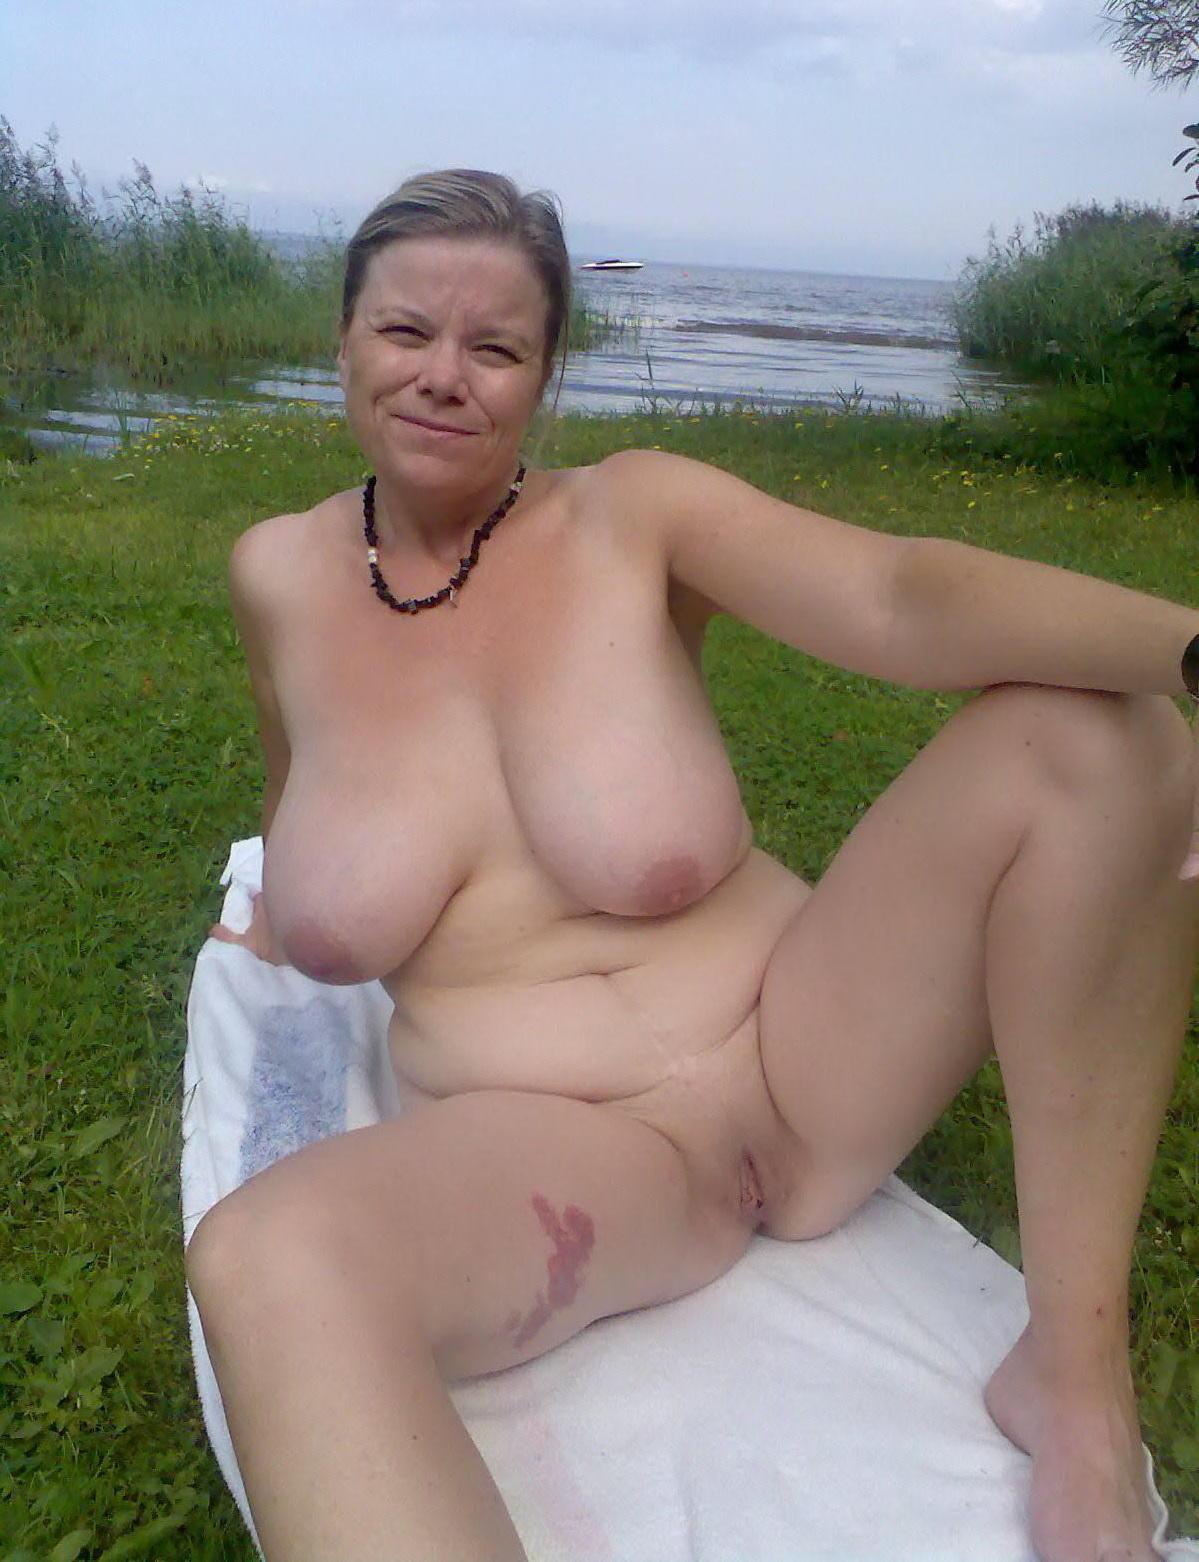 boy model jimmy tonik nude